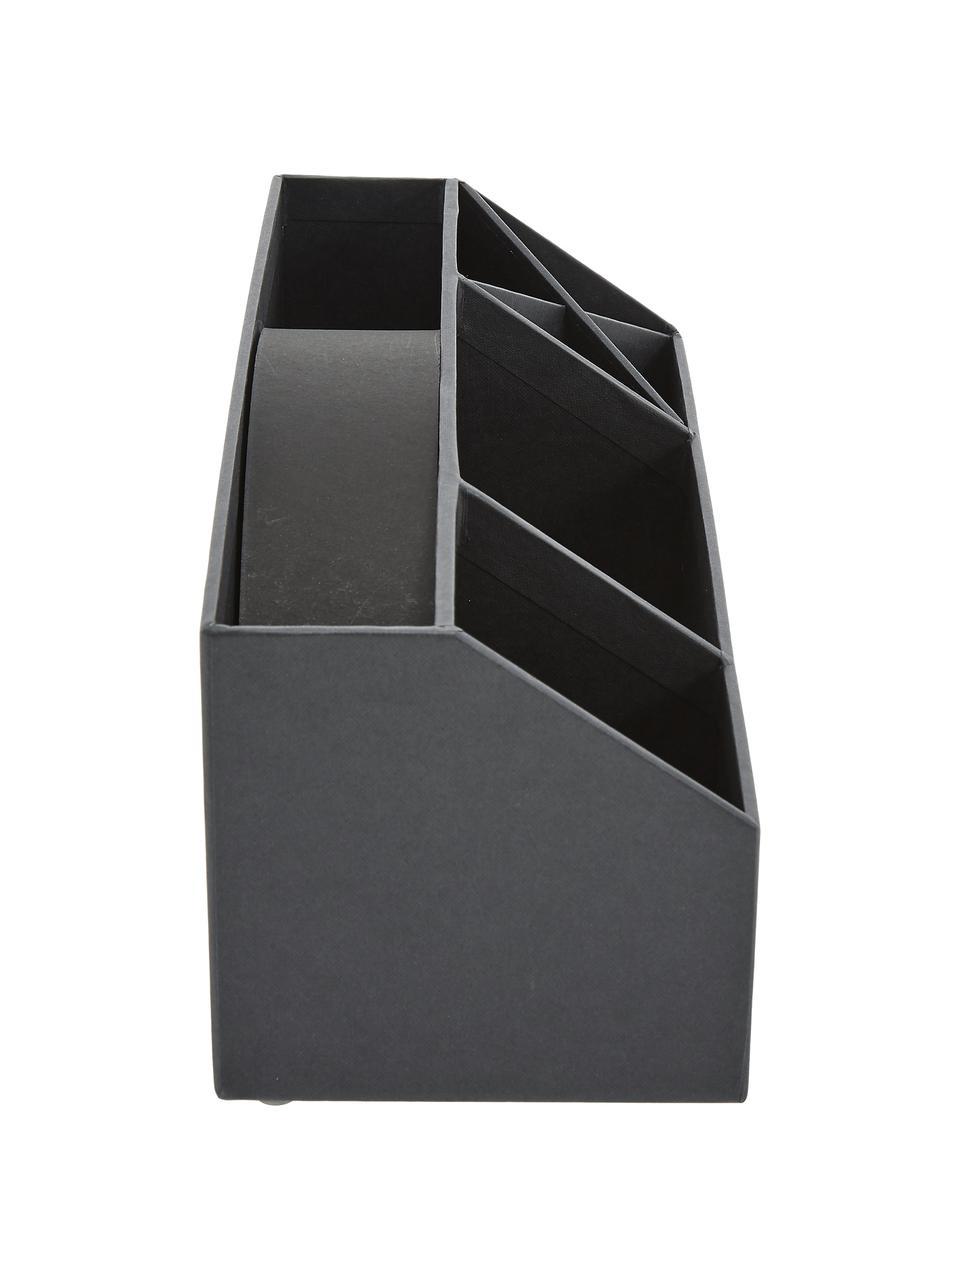 Büro-Organizer Elisa, Fester, laminierter Karton, Dunkelgrau, 33 x 13 cm